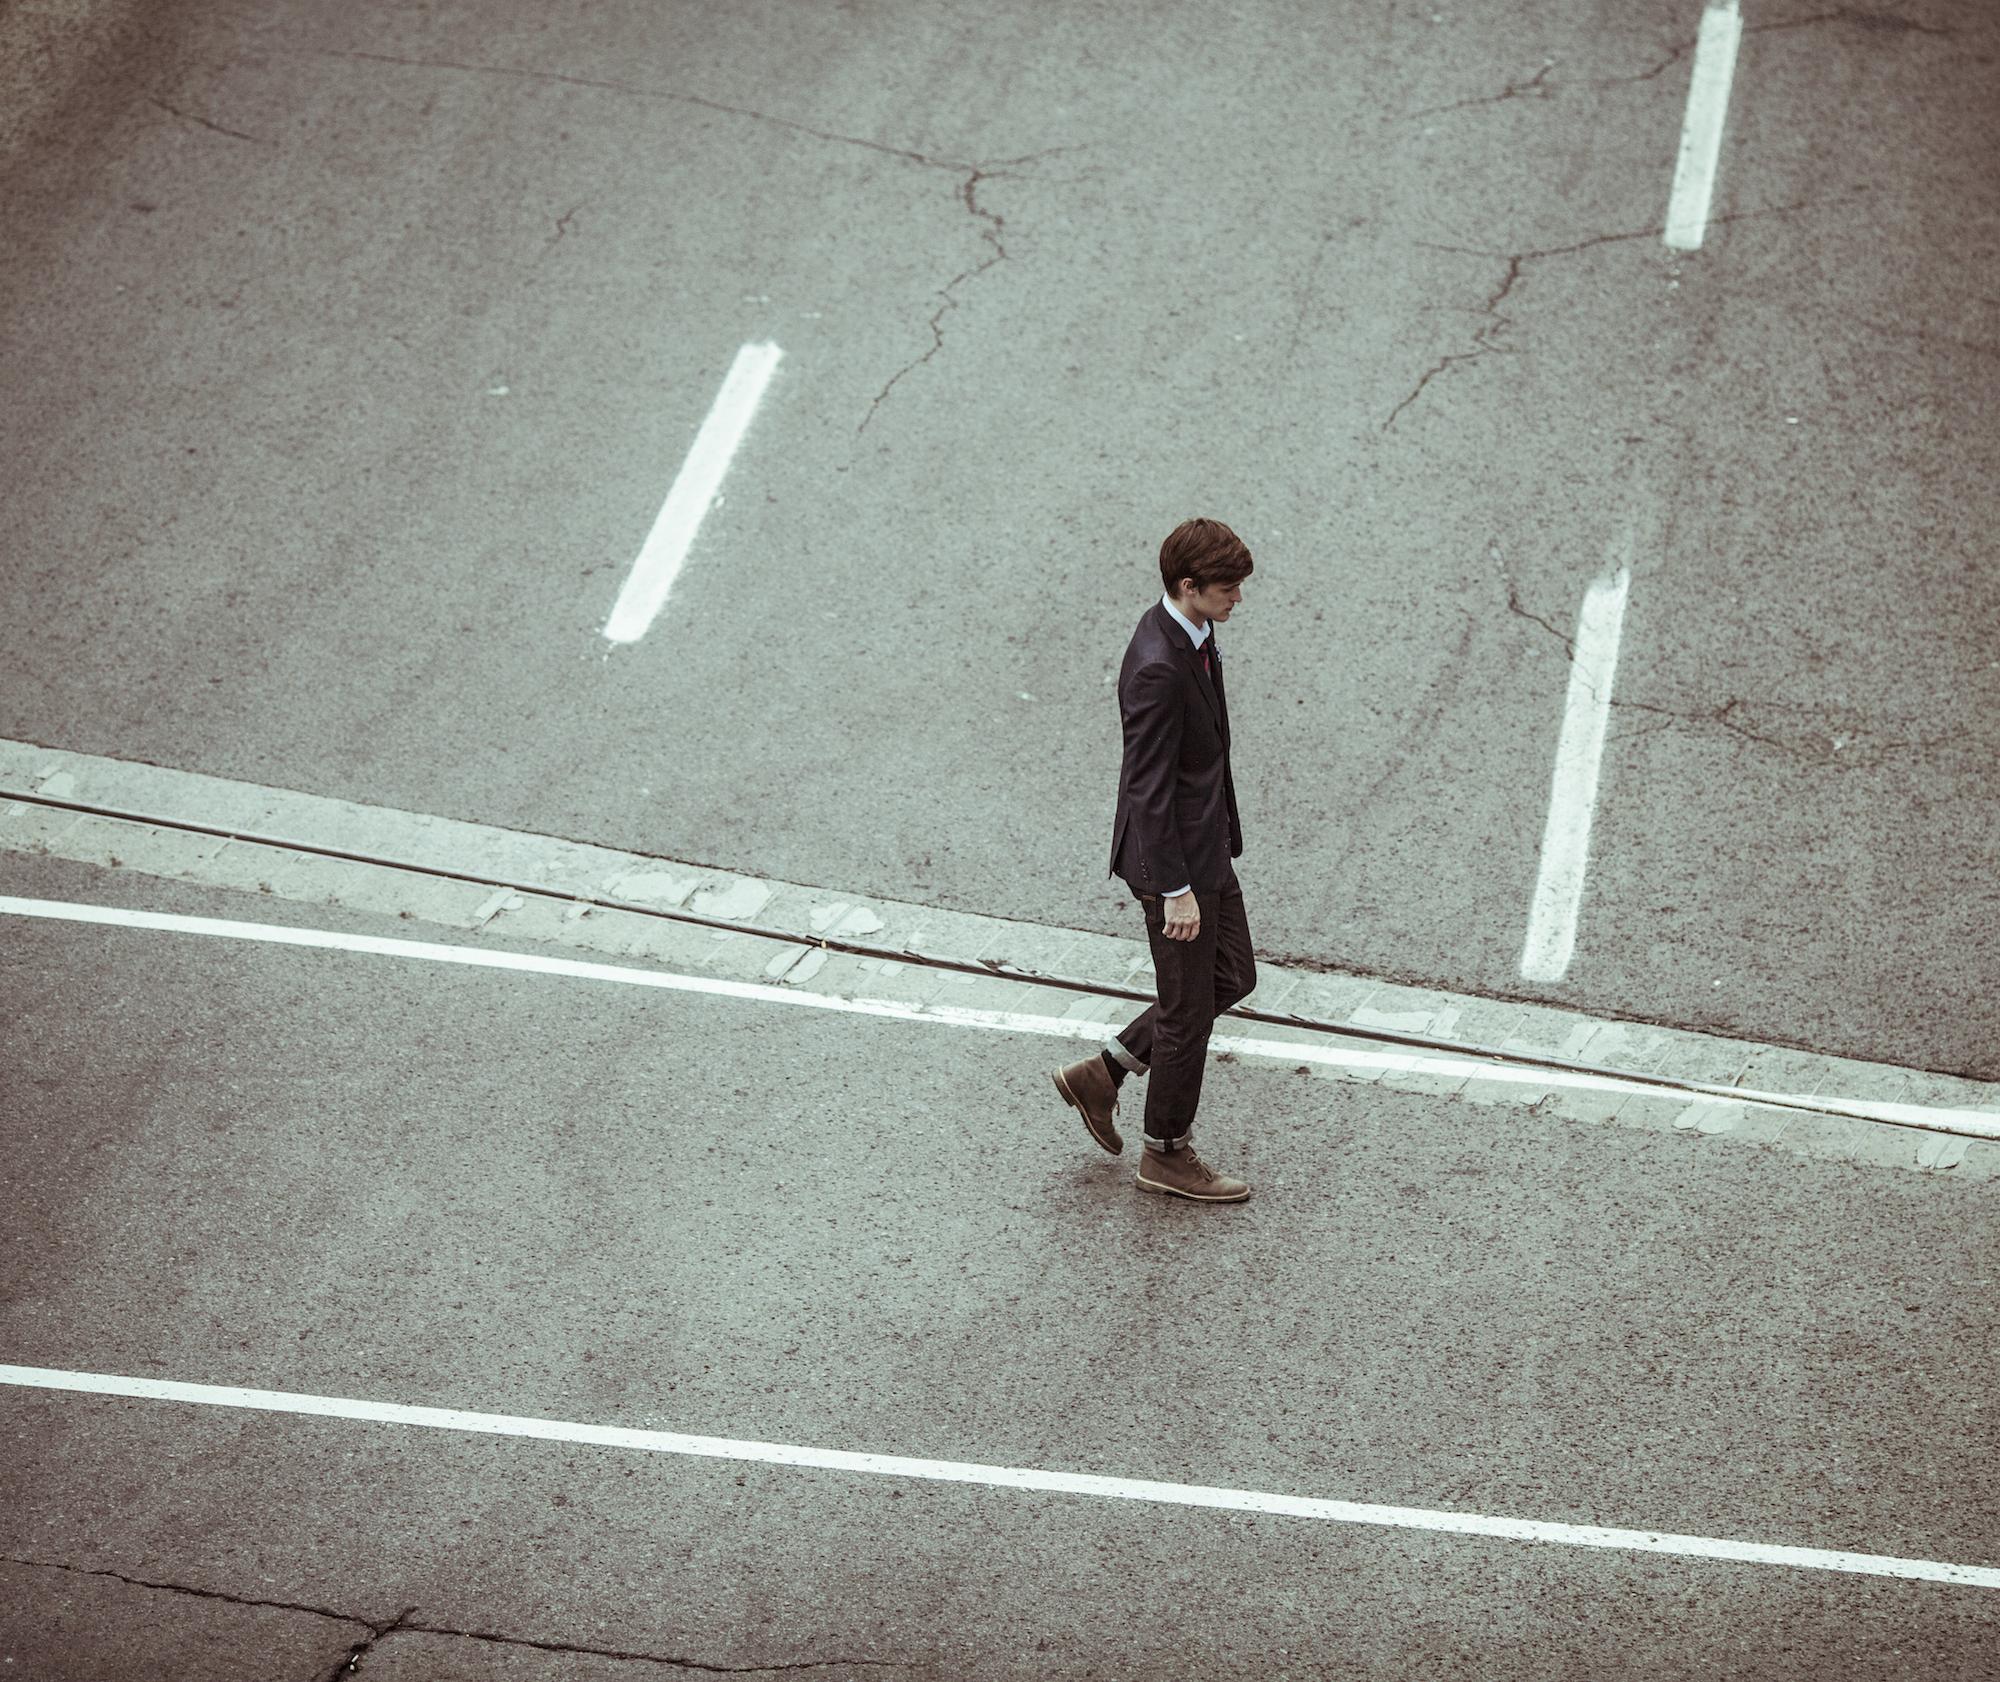 Dude Walkin by Alejandro Escamilla from Unsplash.com